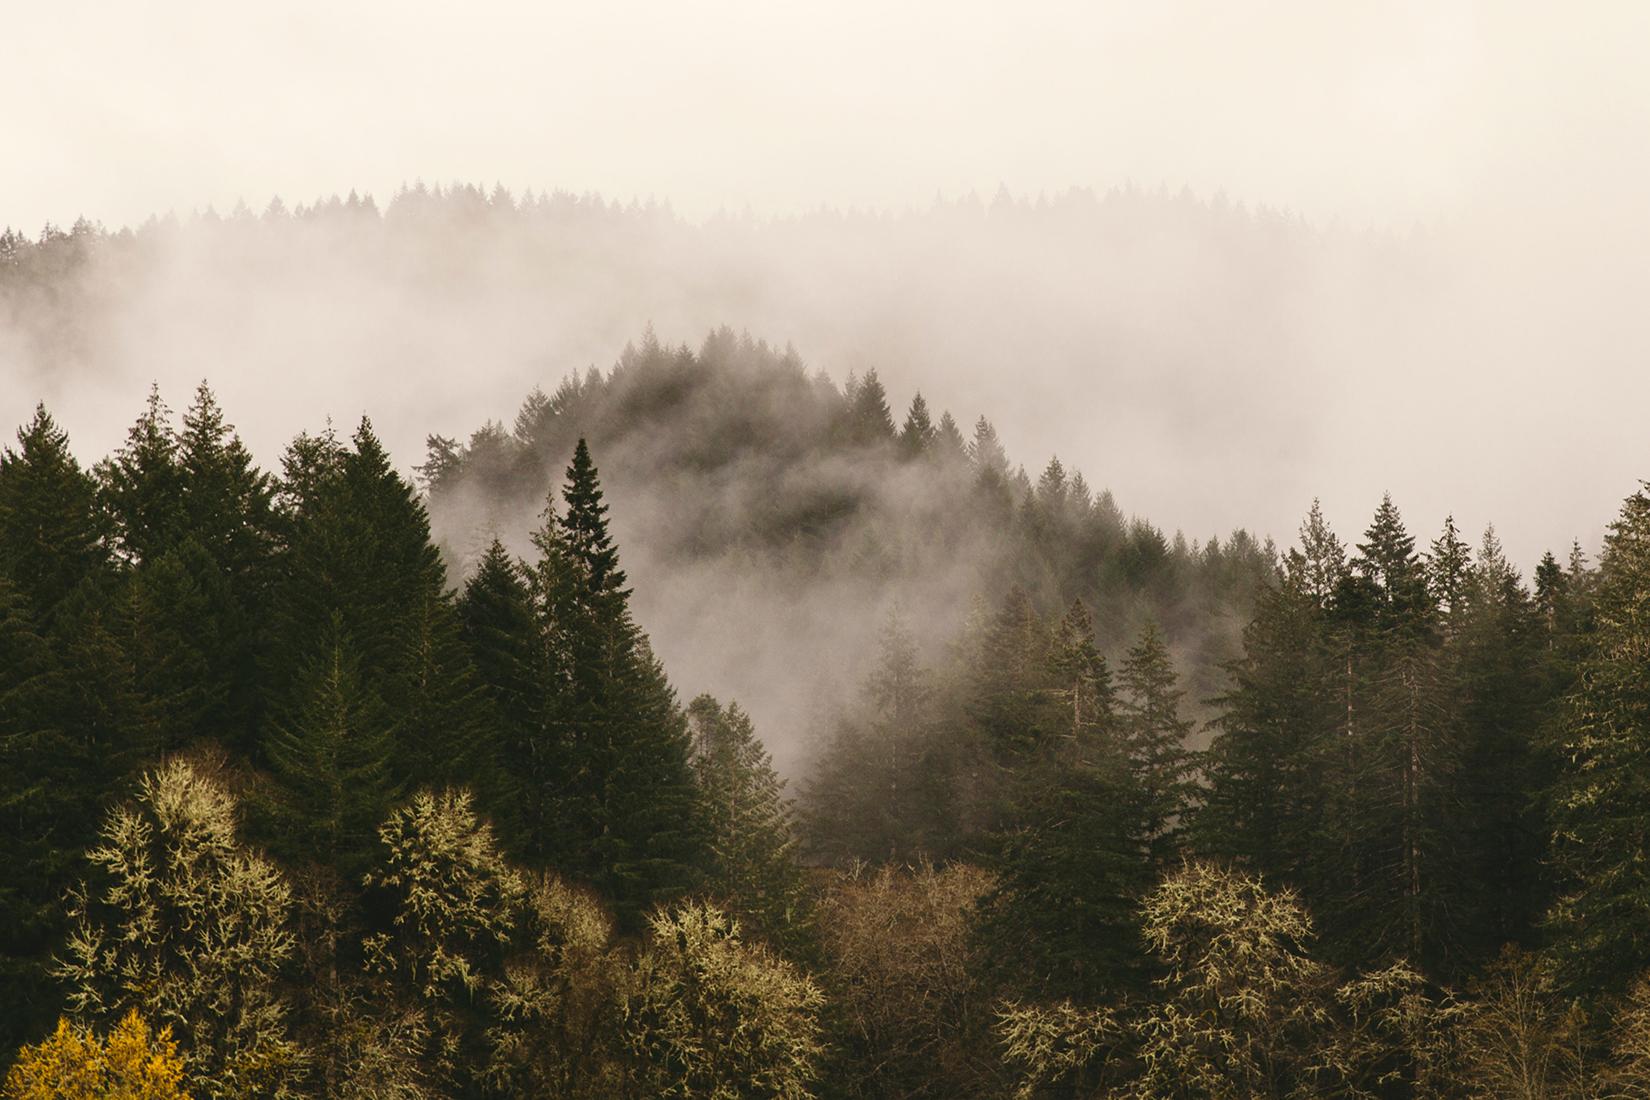 conifer-forest-with-misty-sky-descending